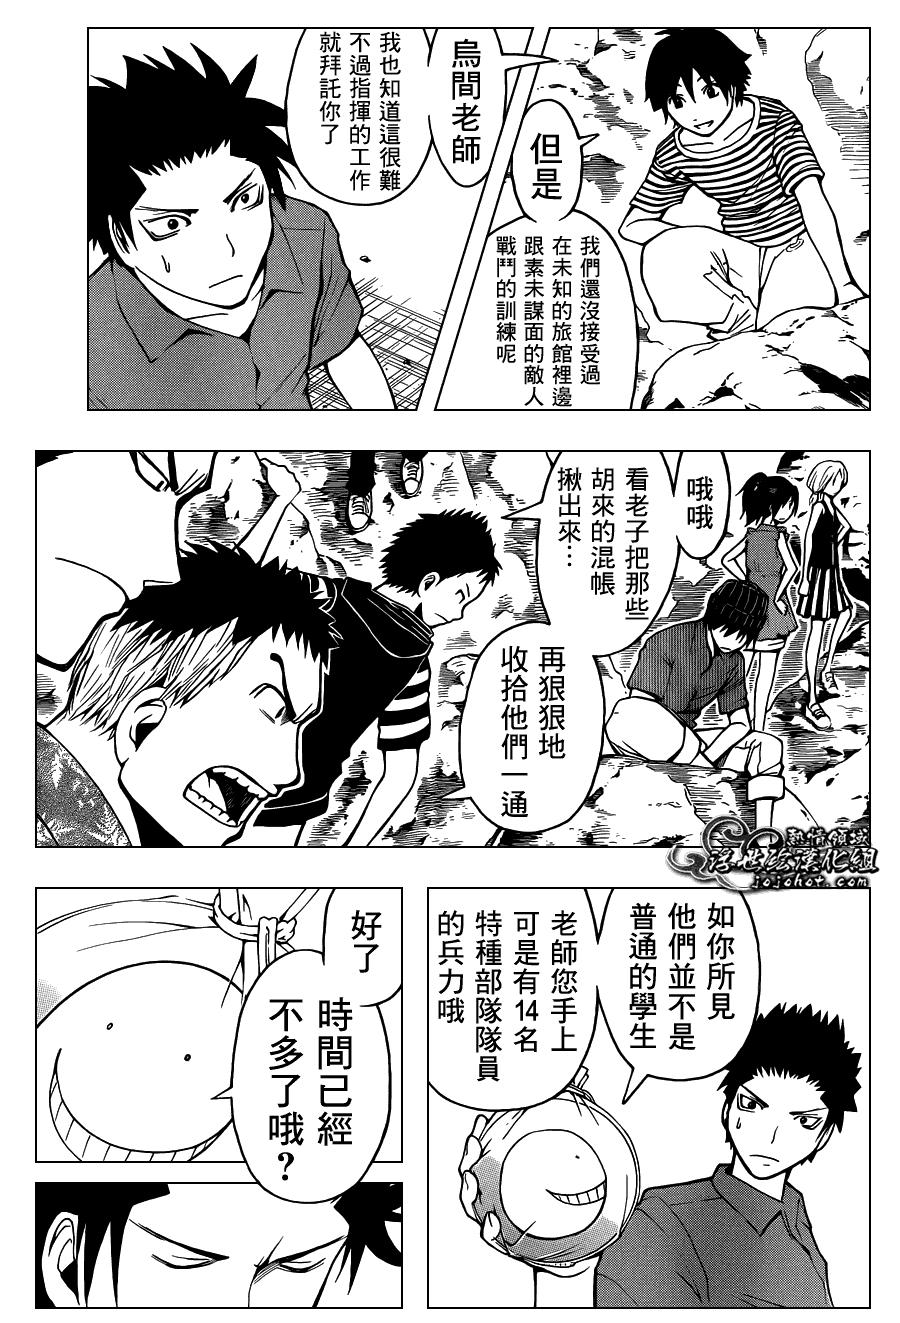 暗殺教室: 61話 - 第17页